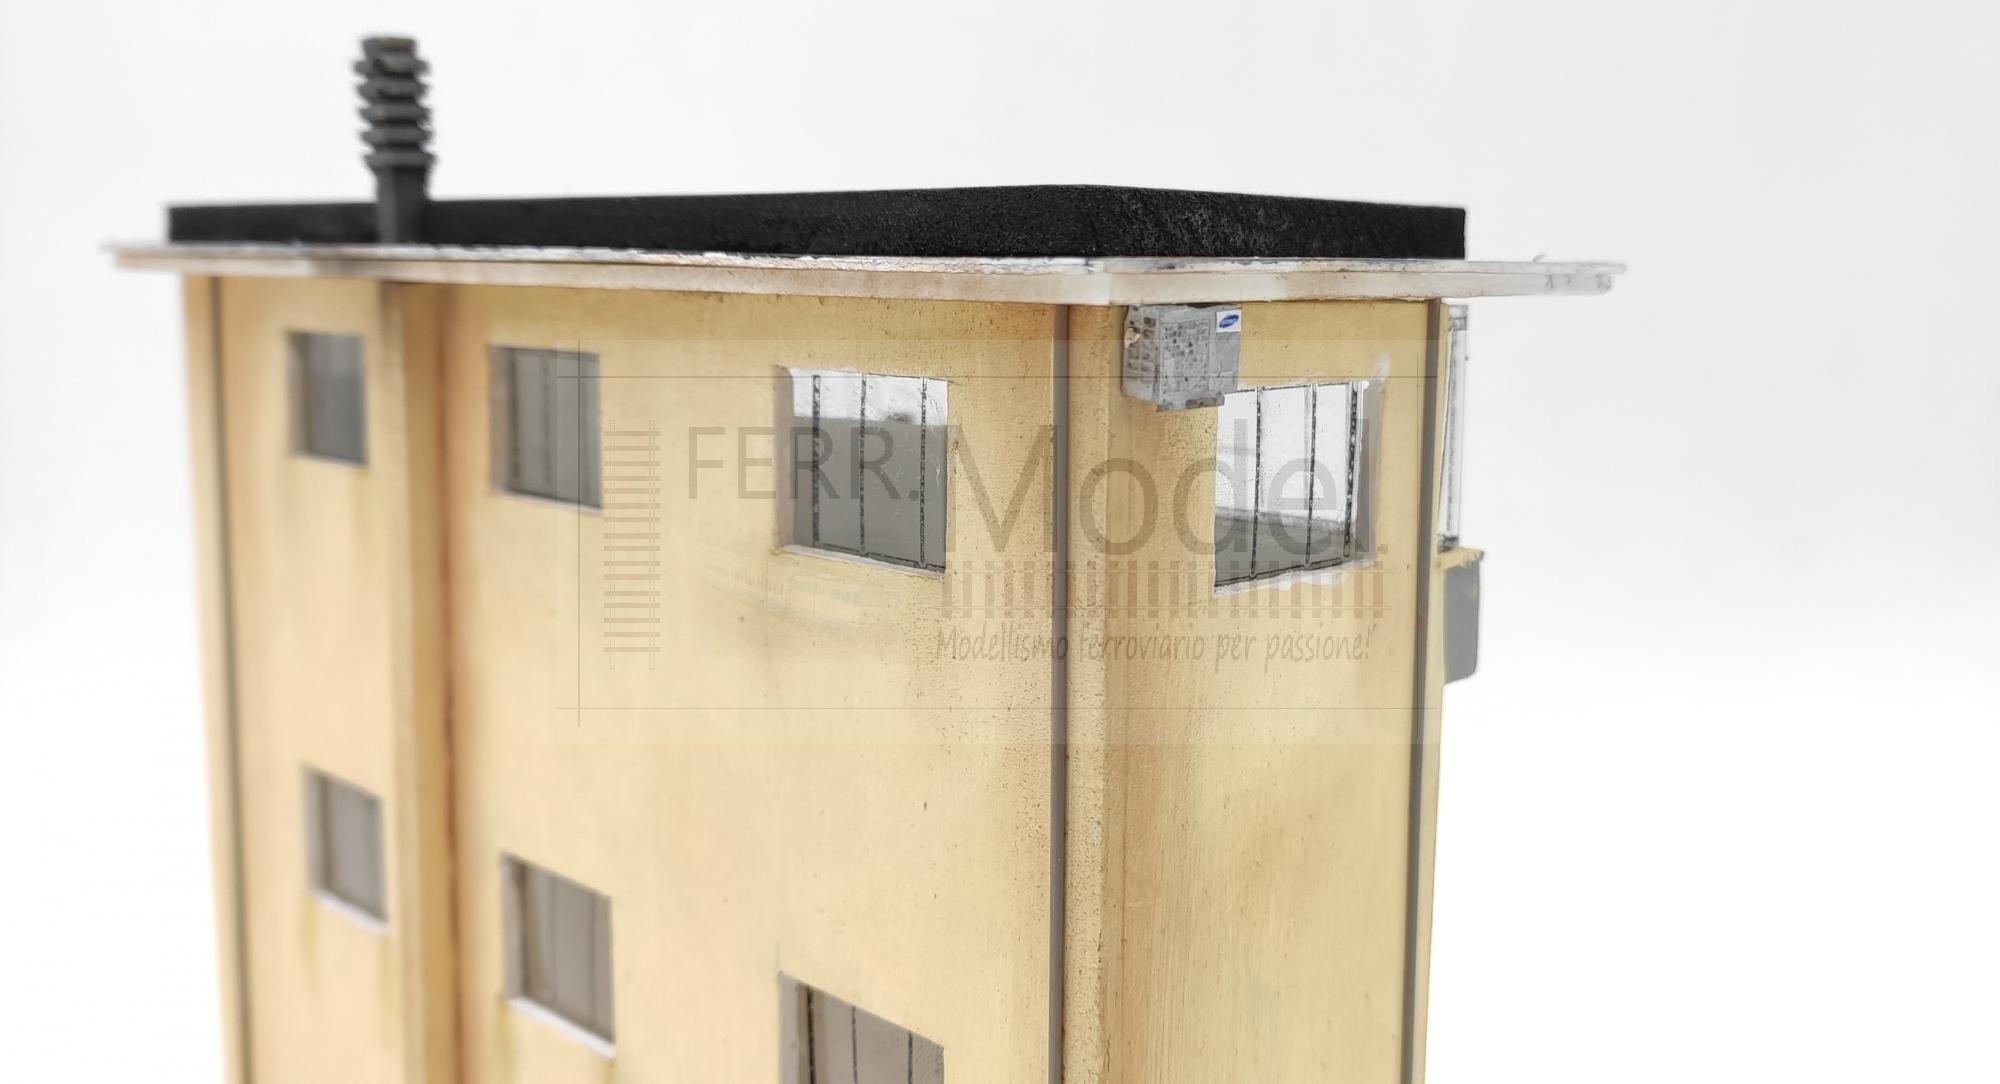 Cabina ACEI FS posto di blocco FERRMODEL 244 illuminato scala H0